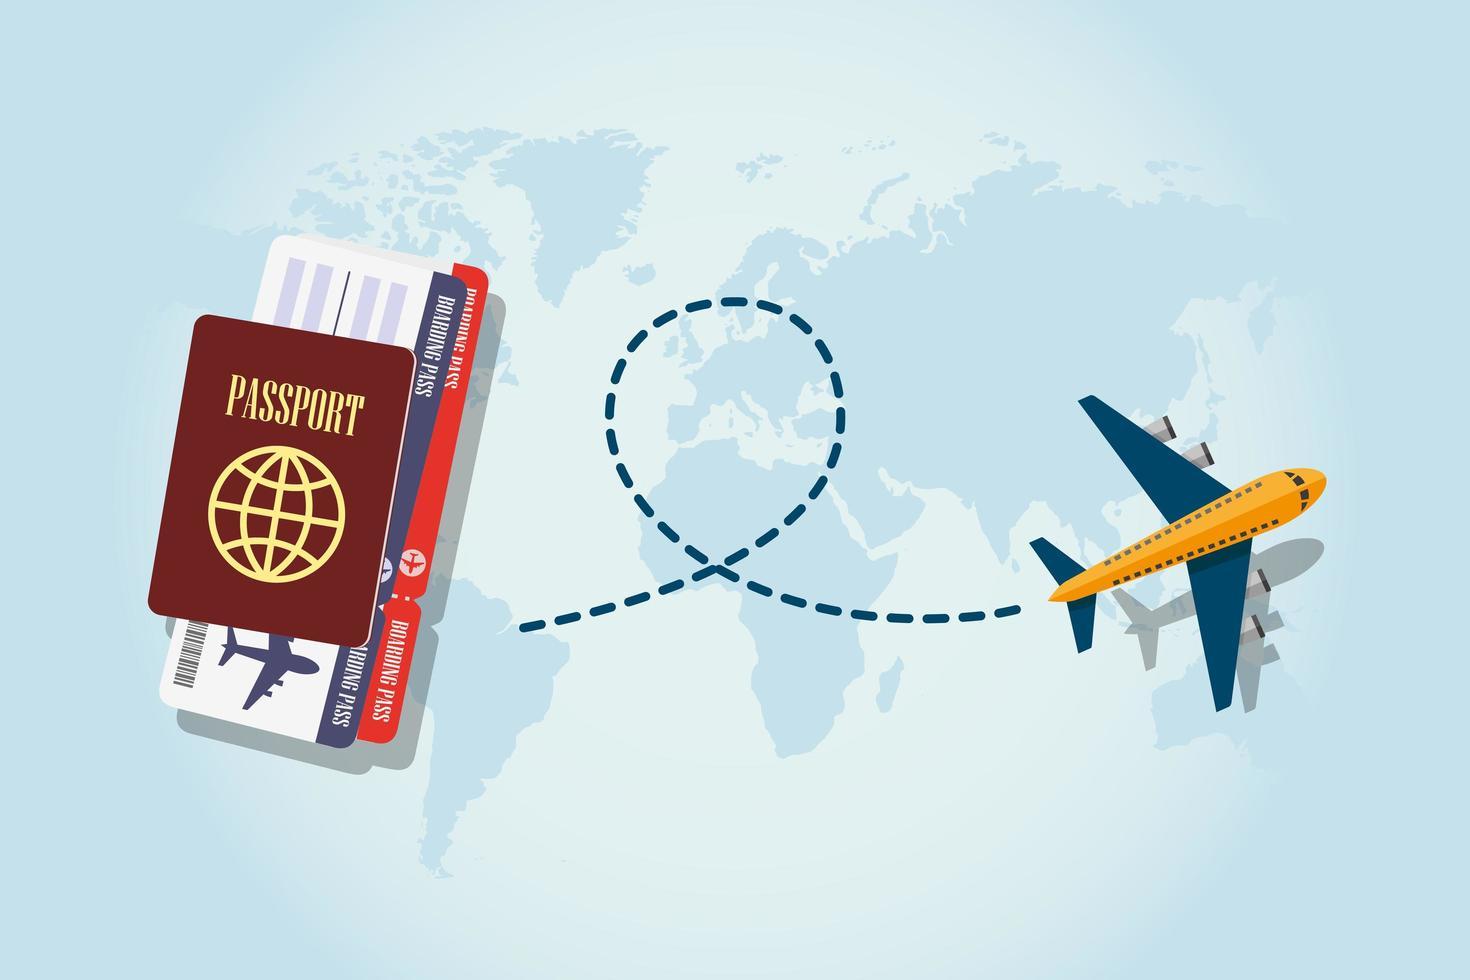 pass, boardingkort och flygplan vektor